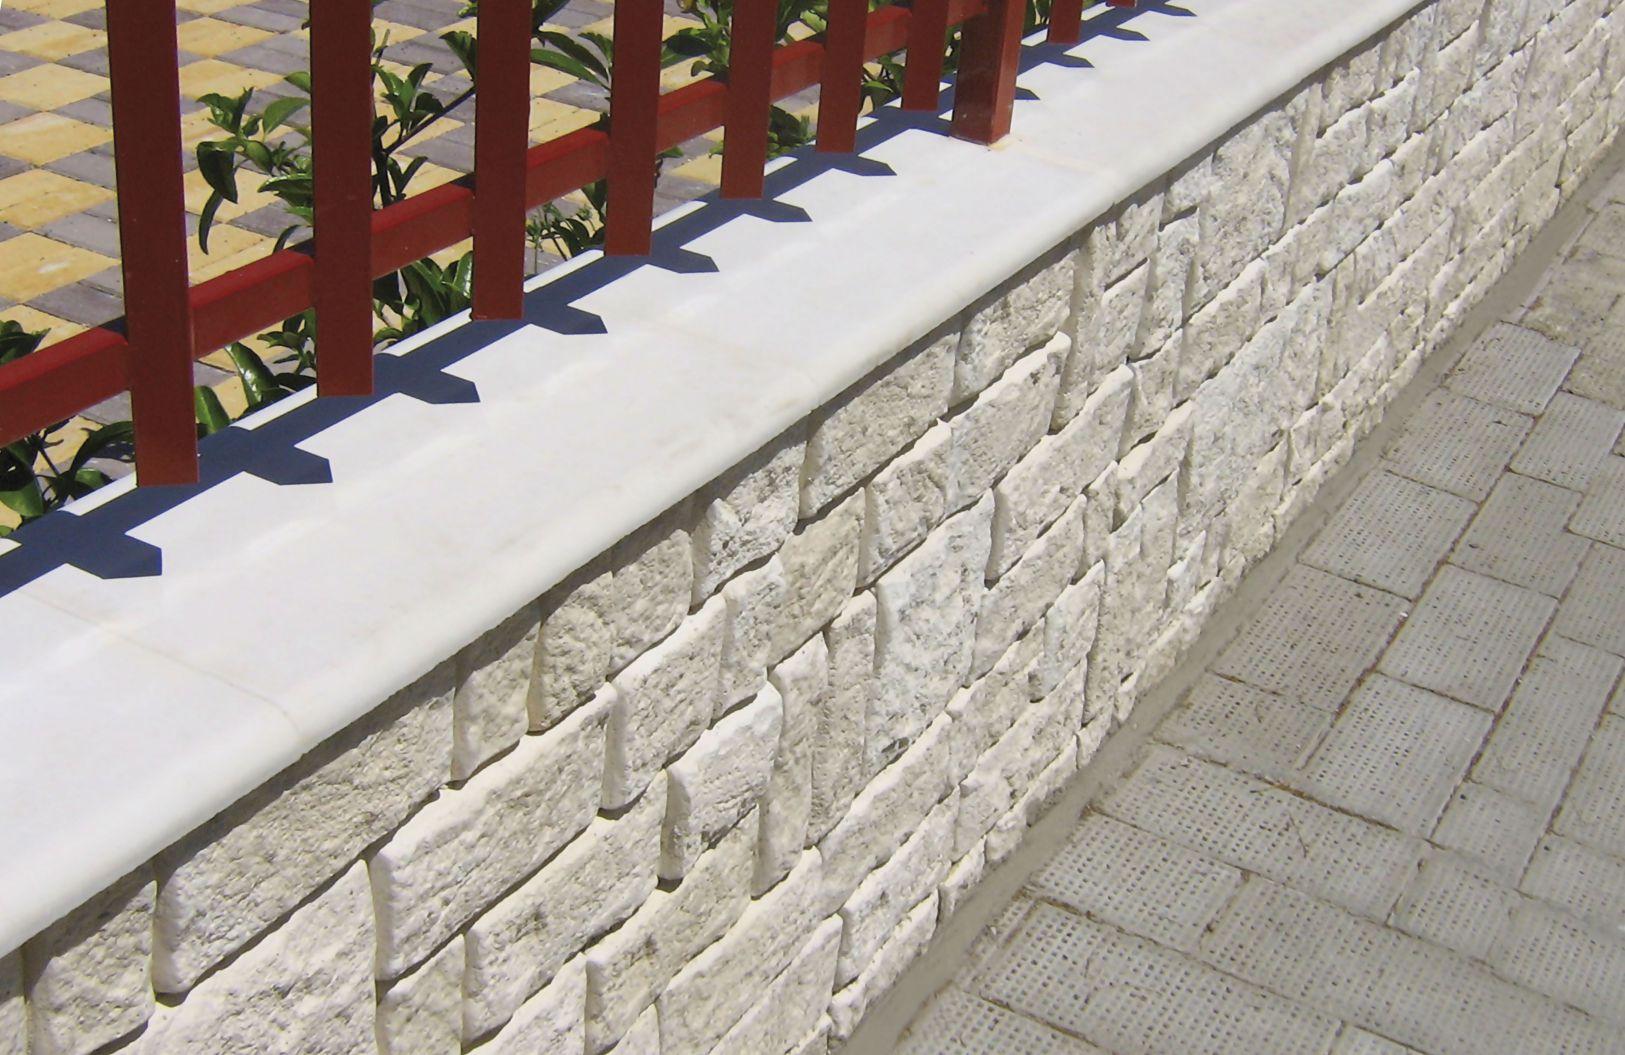 Copertine in cemento bianco coprimuro in cemento bianco - Copertine per muretti esterno in cemento prezzi ...